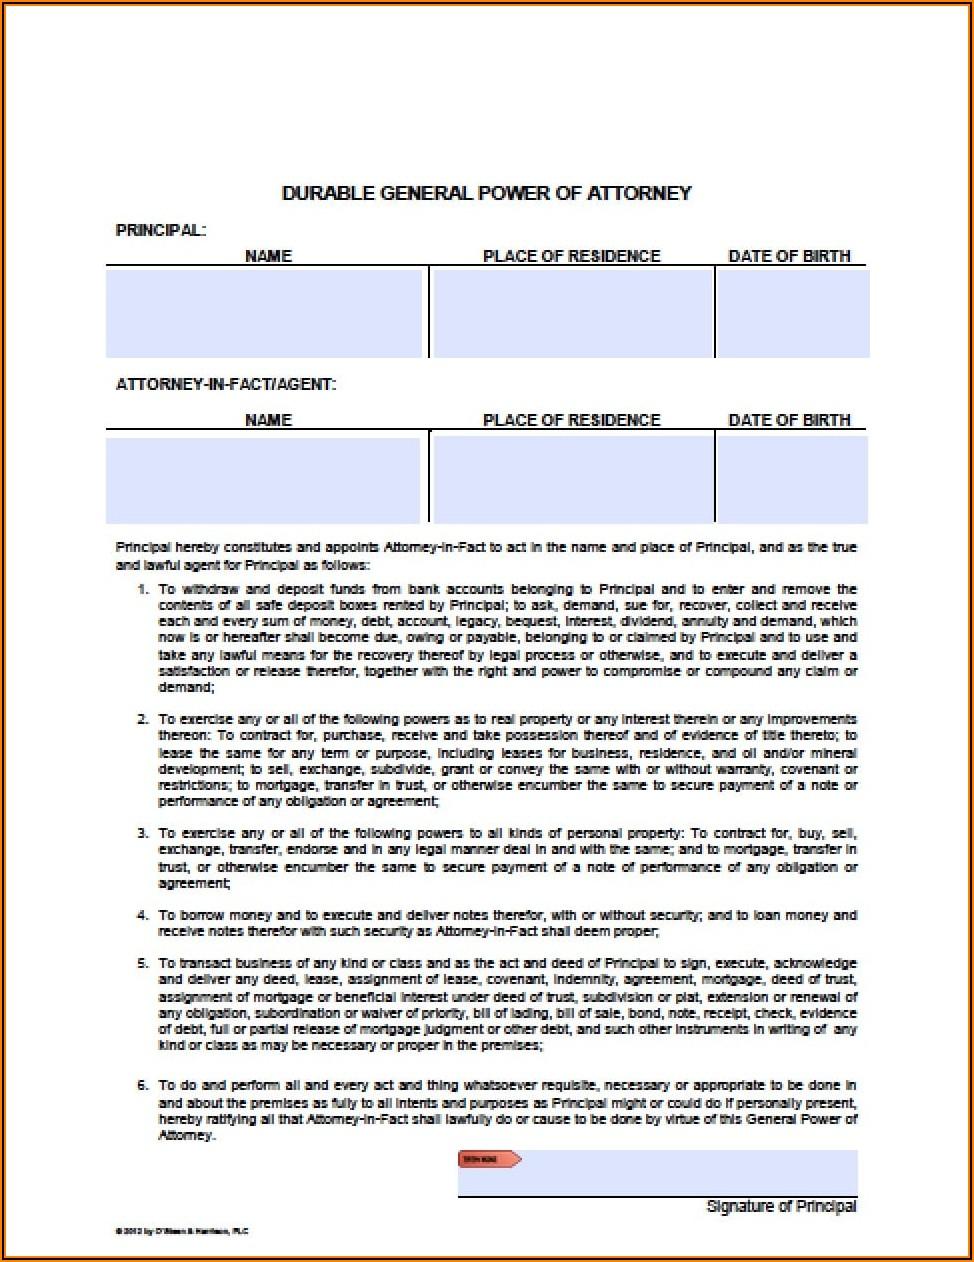 Az Power Of Attorney Form Free